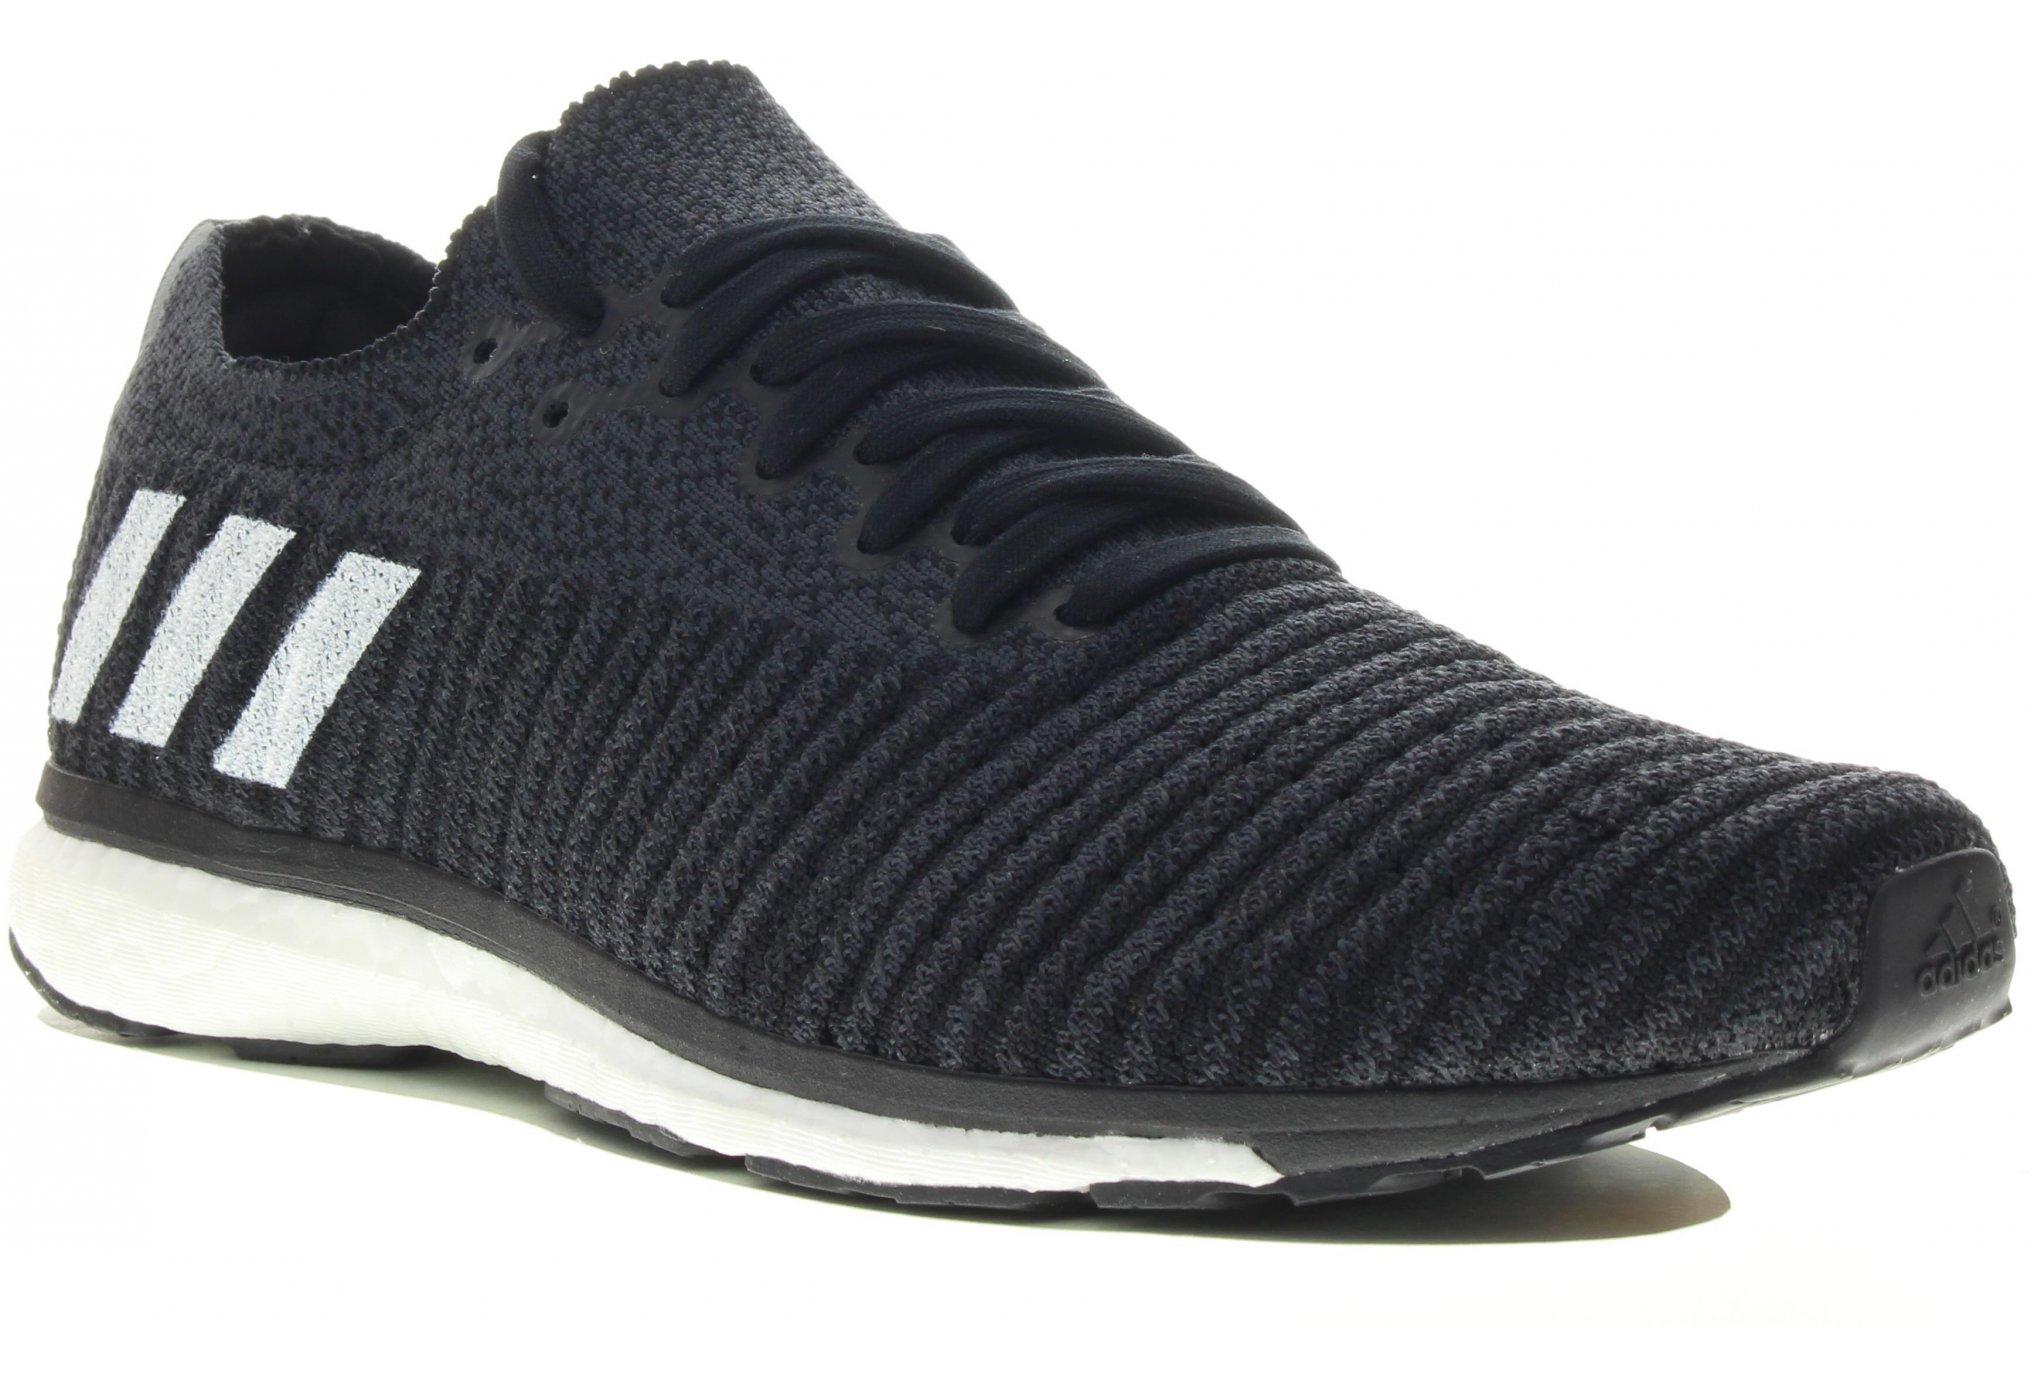 adidas adizero Prime M Chaussures homme